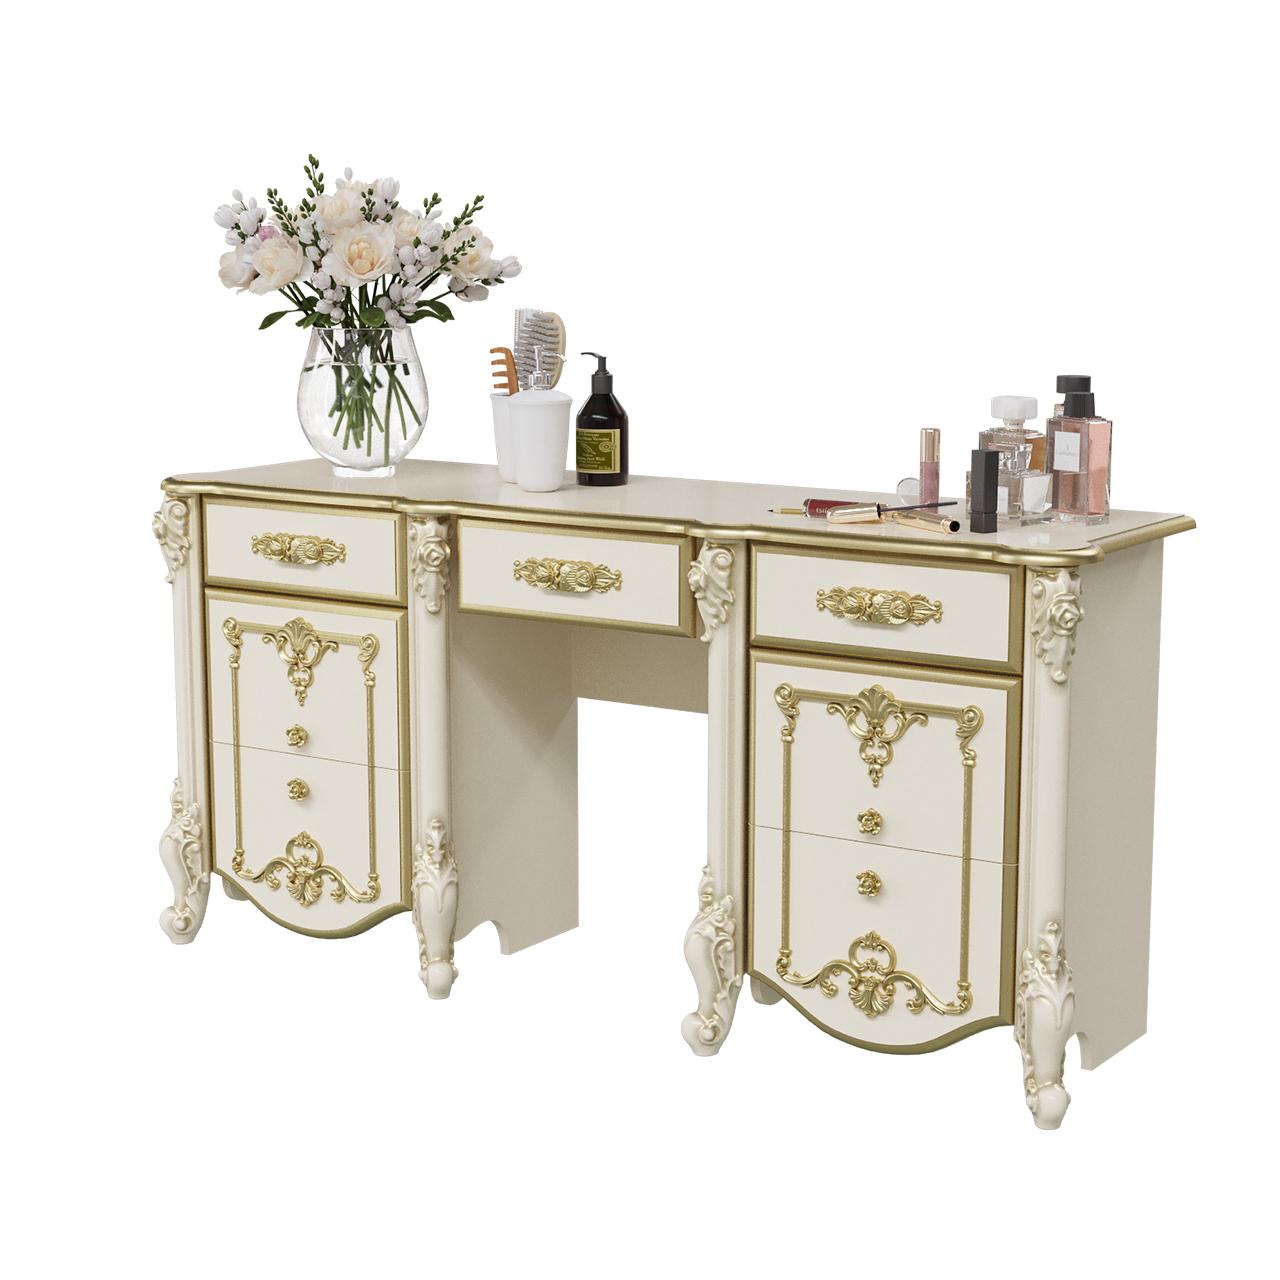 Стол туалетный Мэри-Мебель Дольче Вита СДВ-05 слоновая кость с золотом, 159х46х76 см.